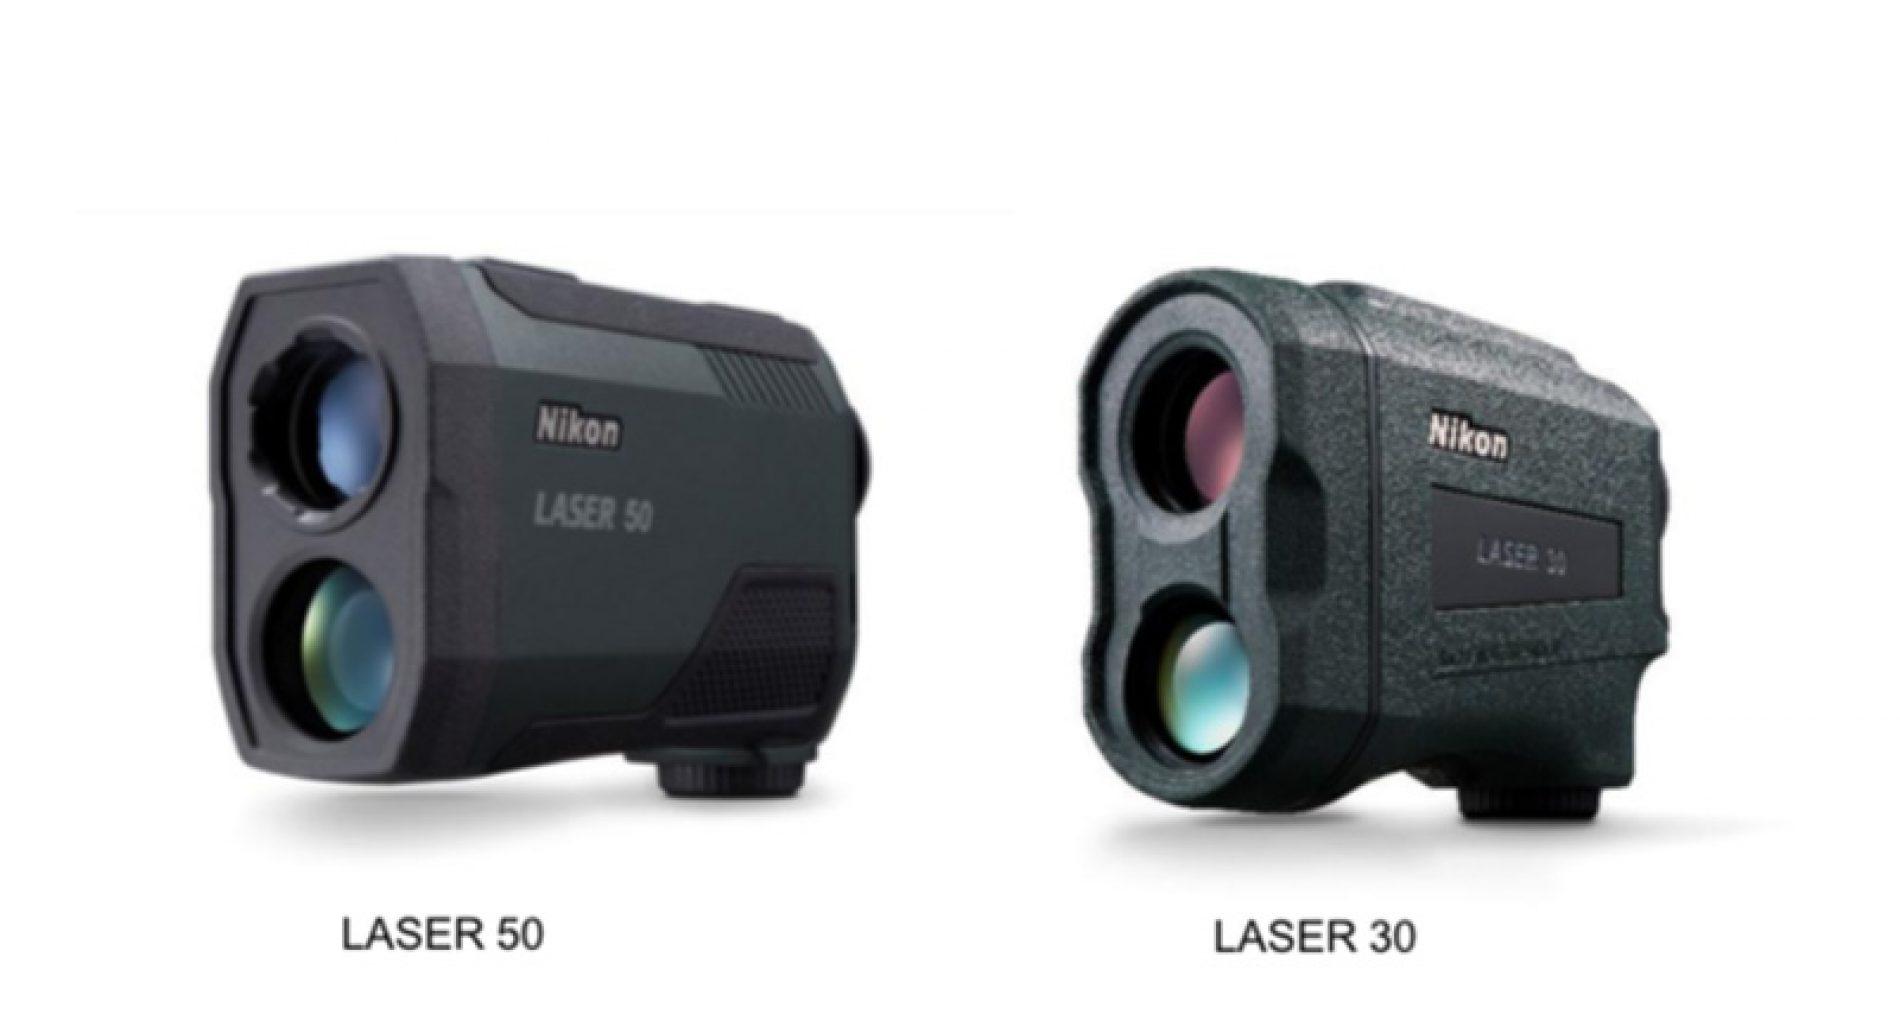 Nikon presenta Laser 50 y Laser 30, sus nuevos modelos de telémetro láser